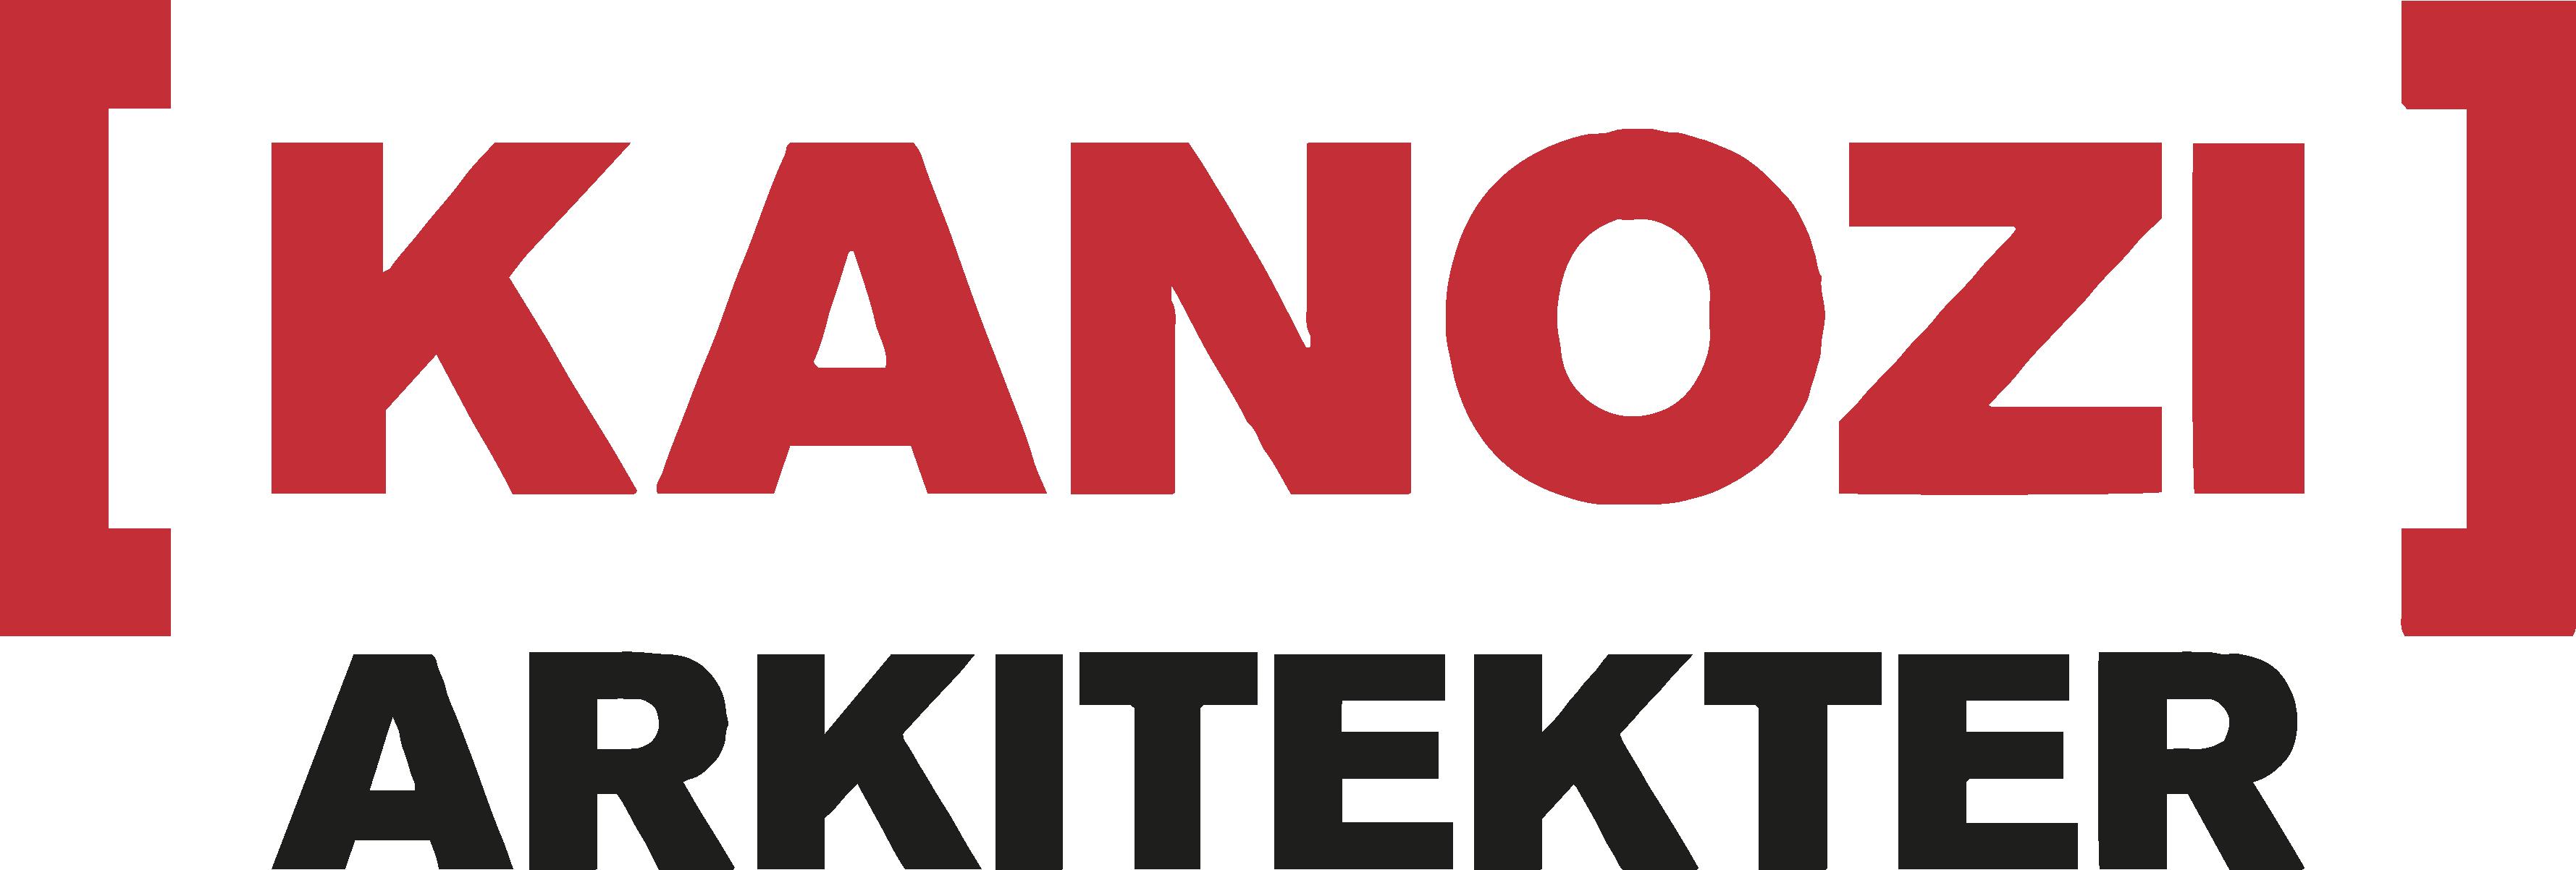 Kanozi arkitekter AB